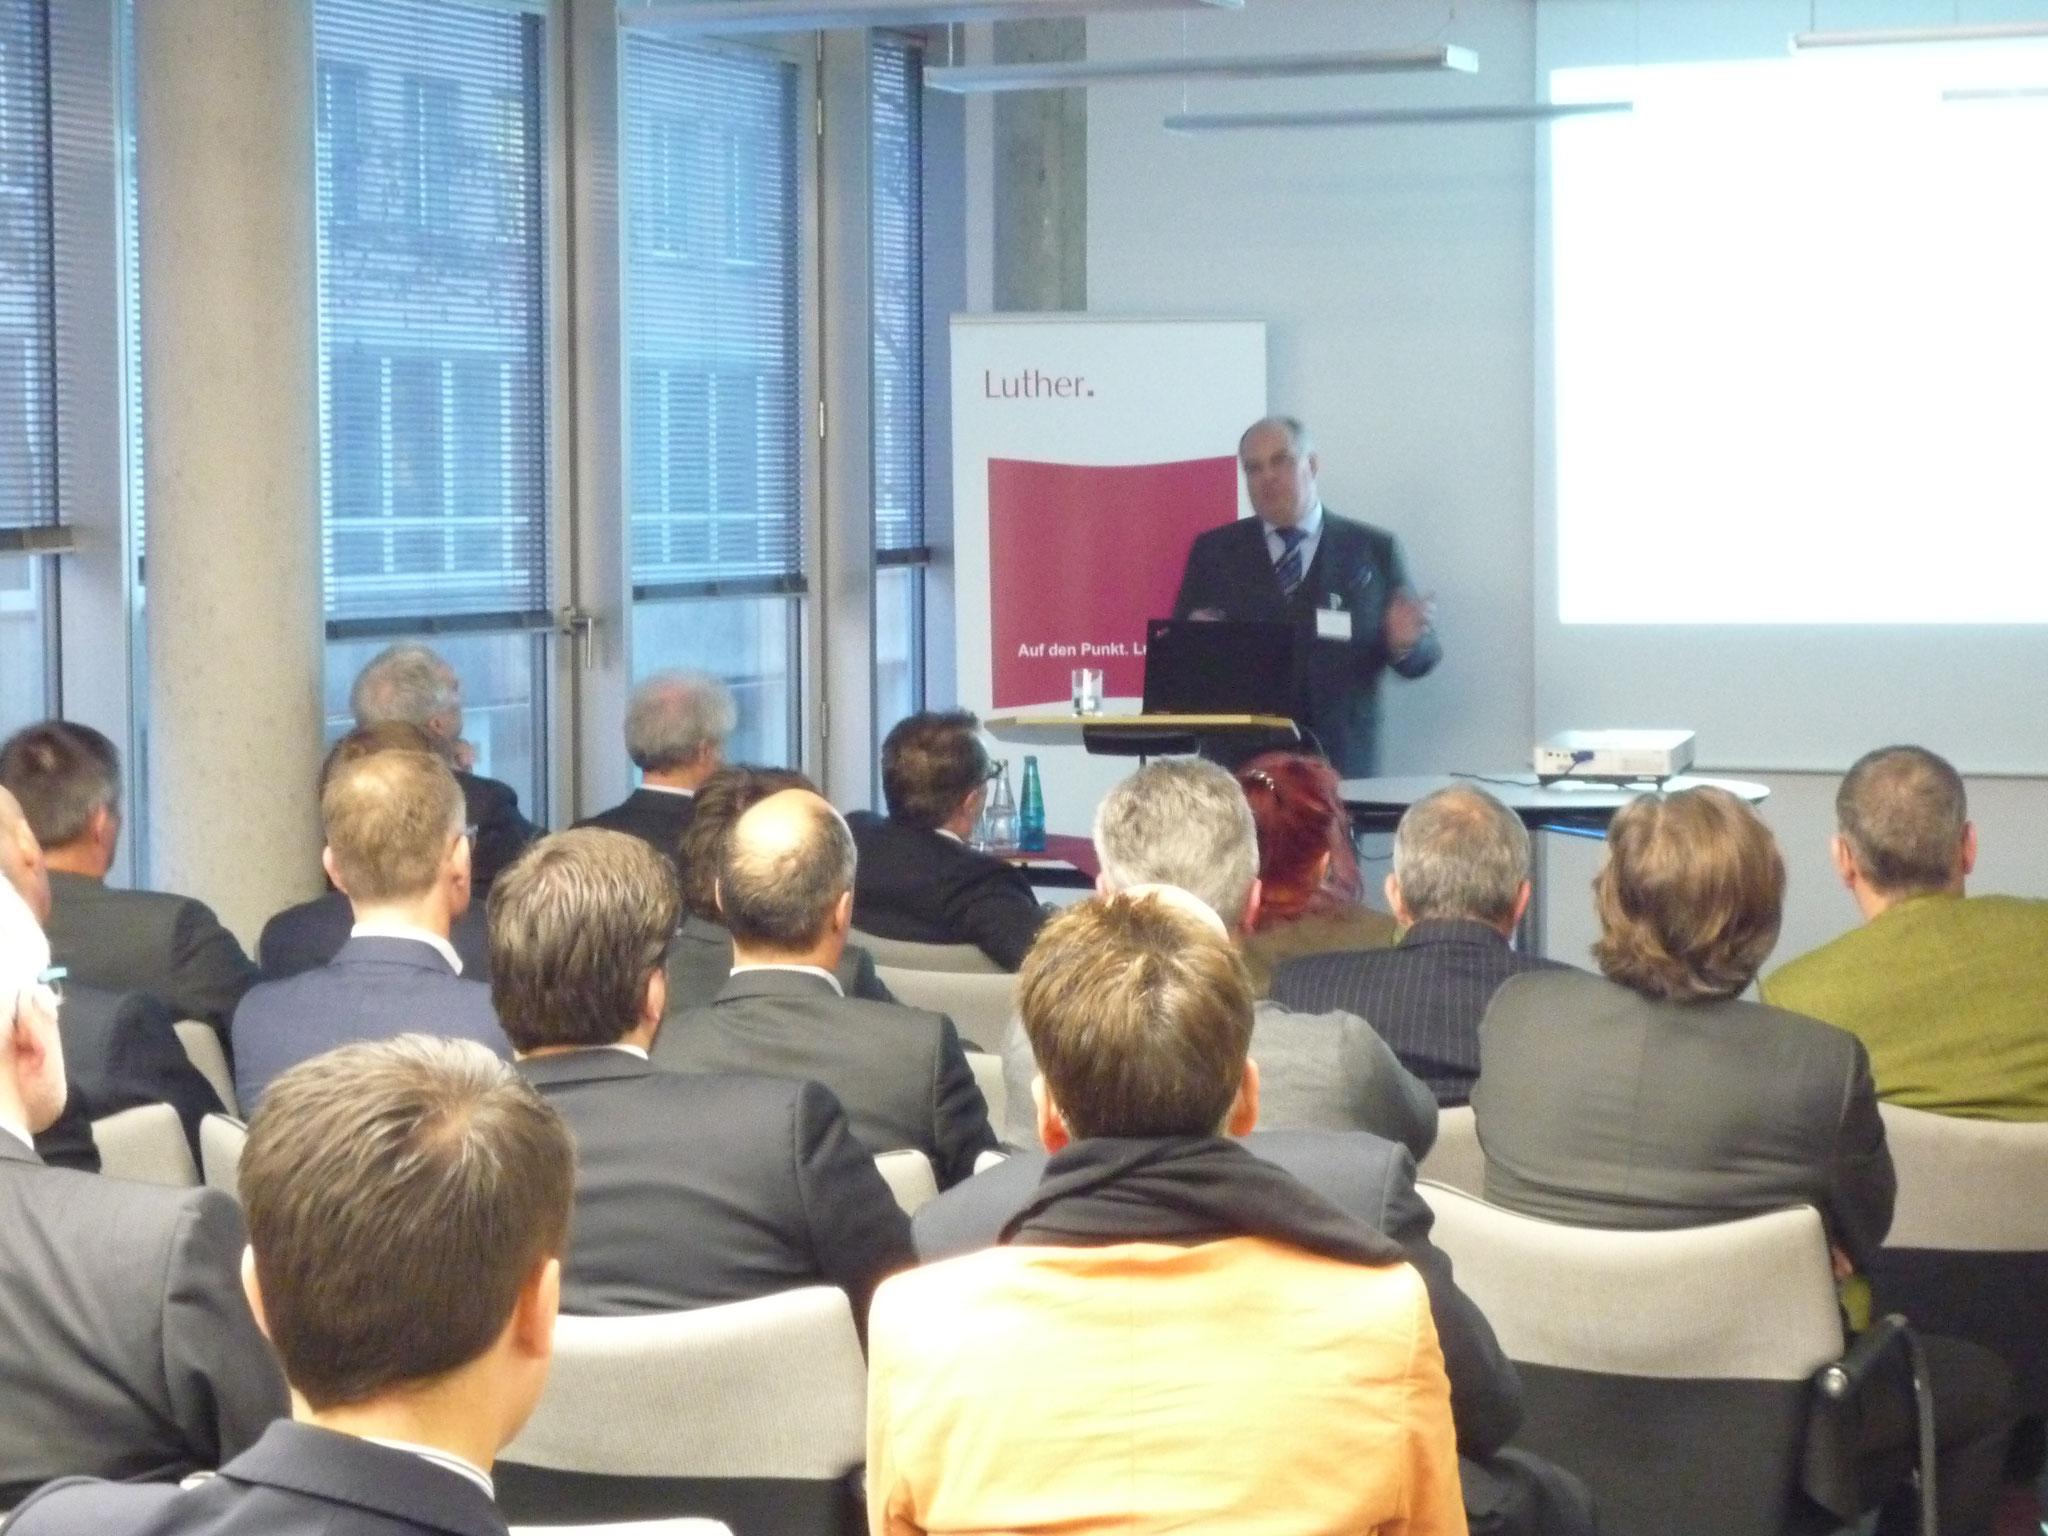 Rechtsanwalt Reinhard Willemsen erläutert die zivil - und insolvensrechtlichen Aspekte zur BFH Entscheidung.